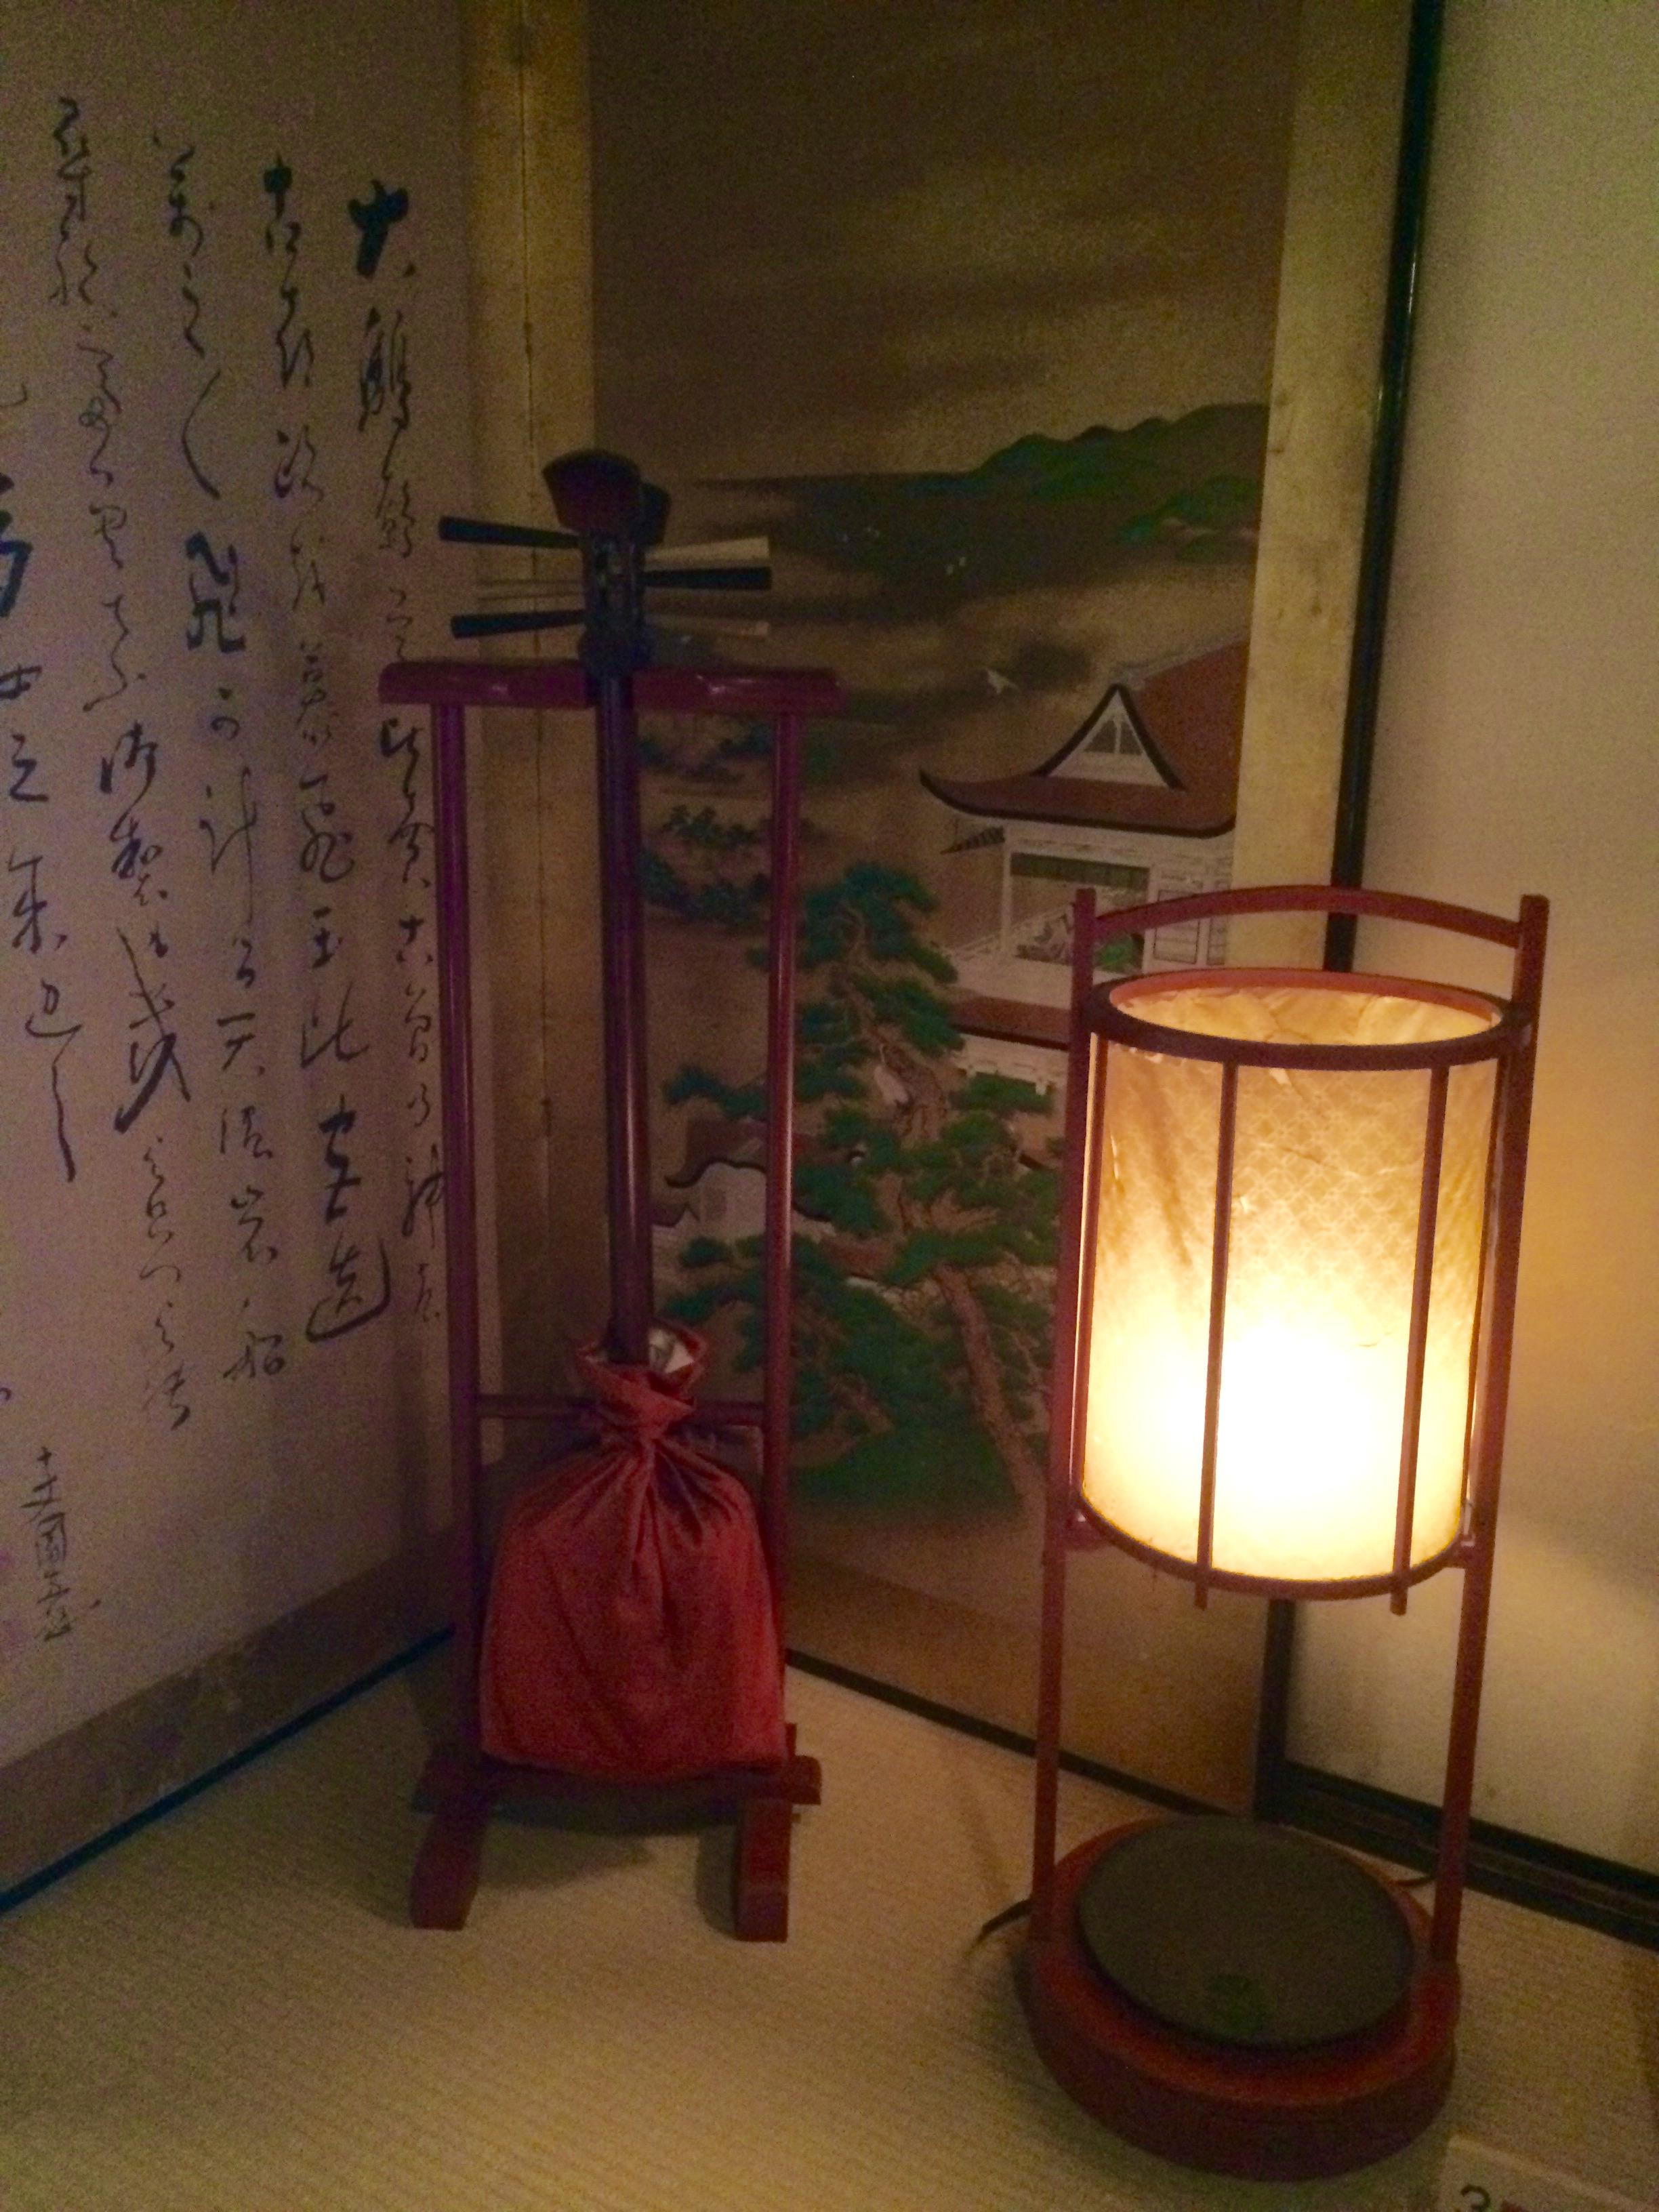 金沢の人気スポット-東の茶屋街-志摩-1